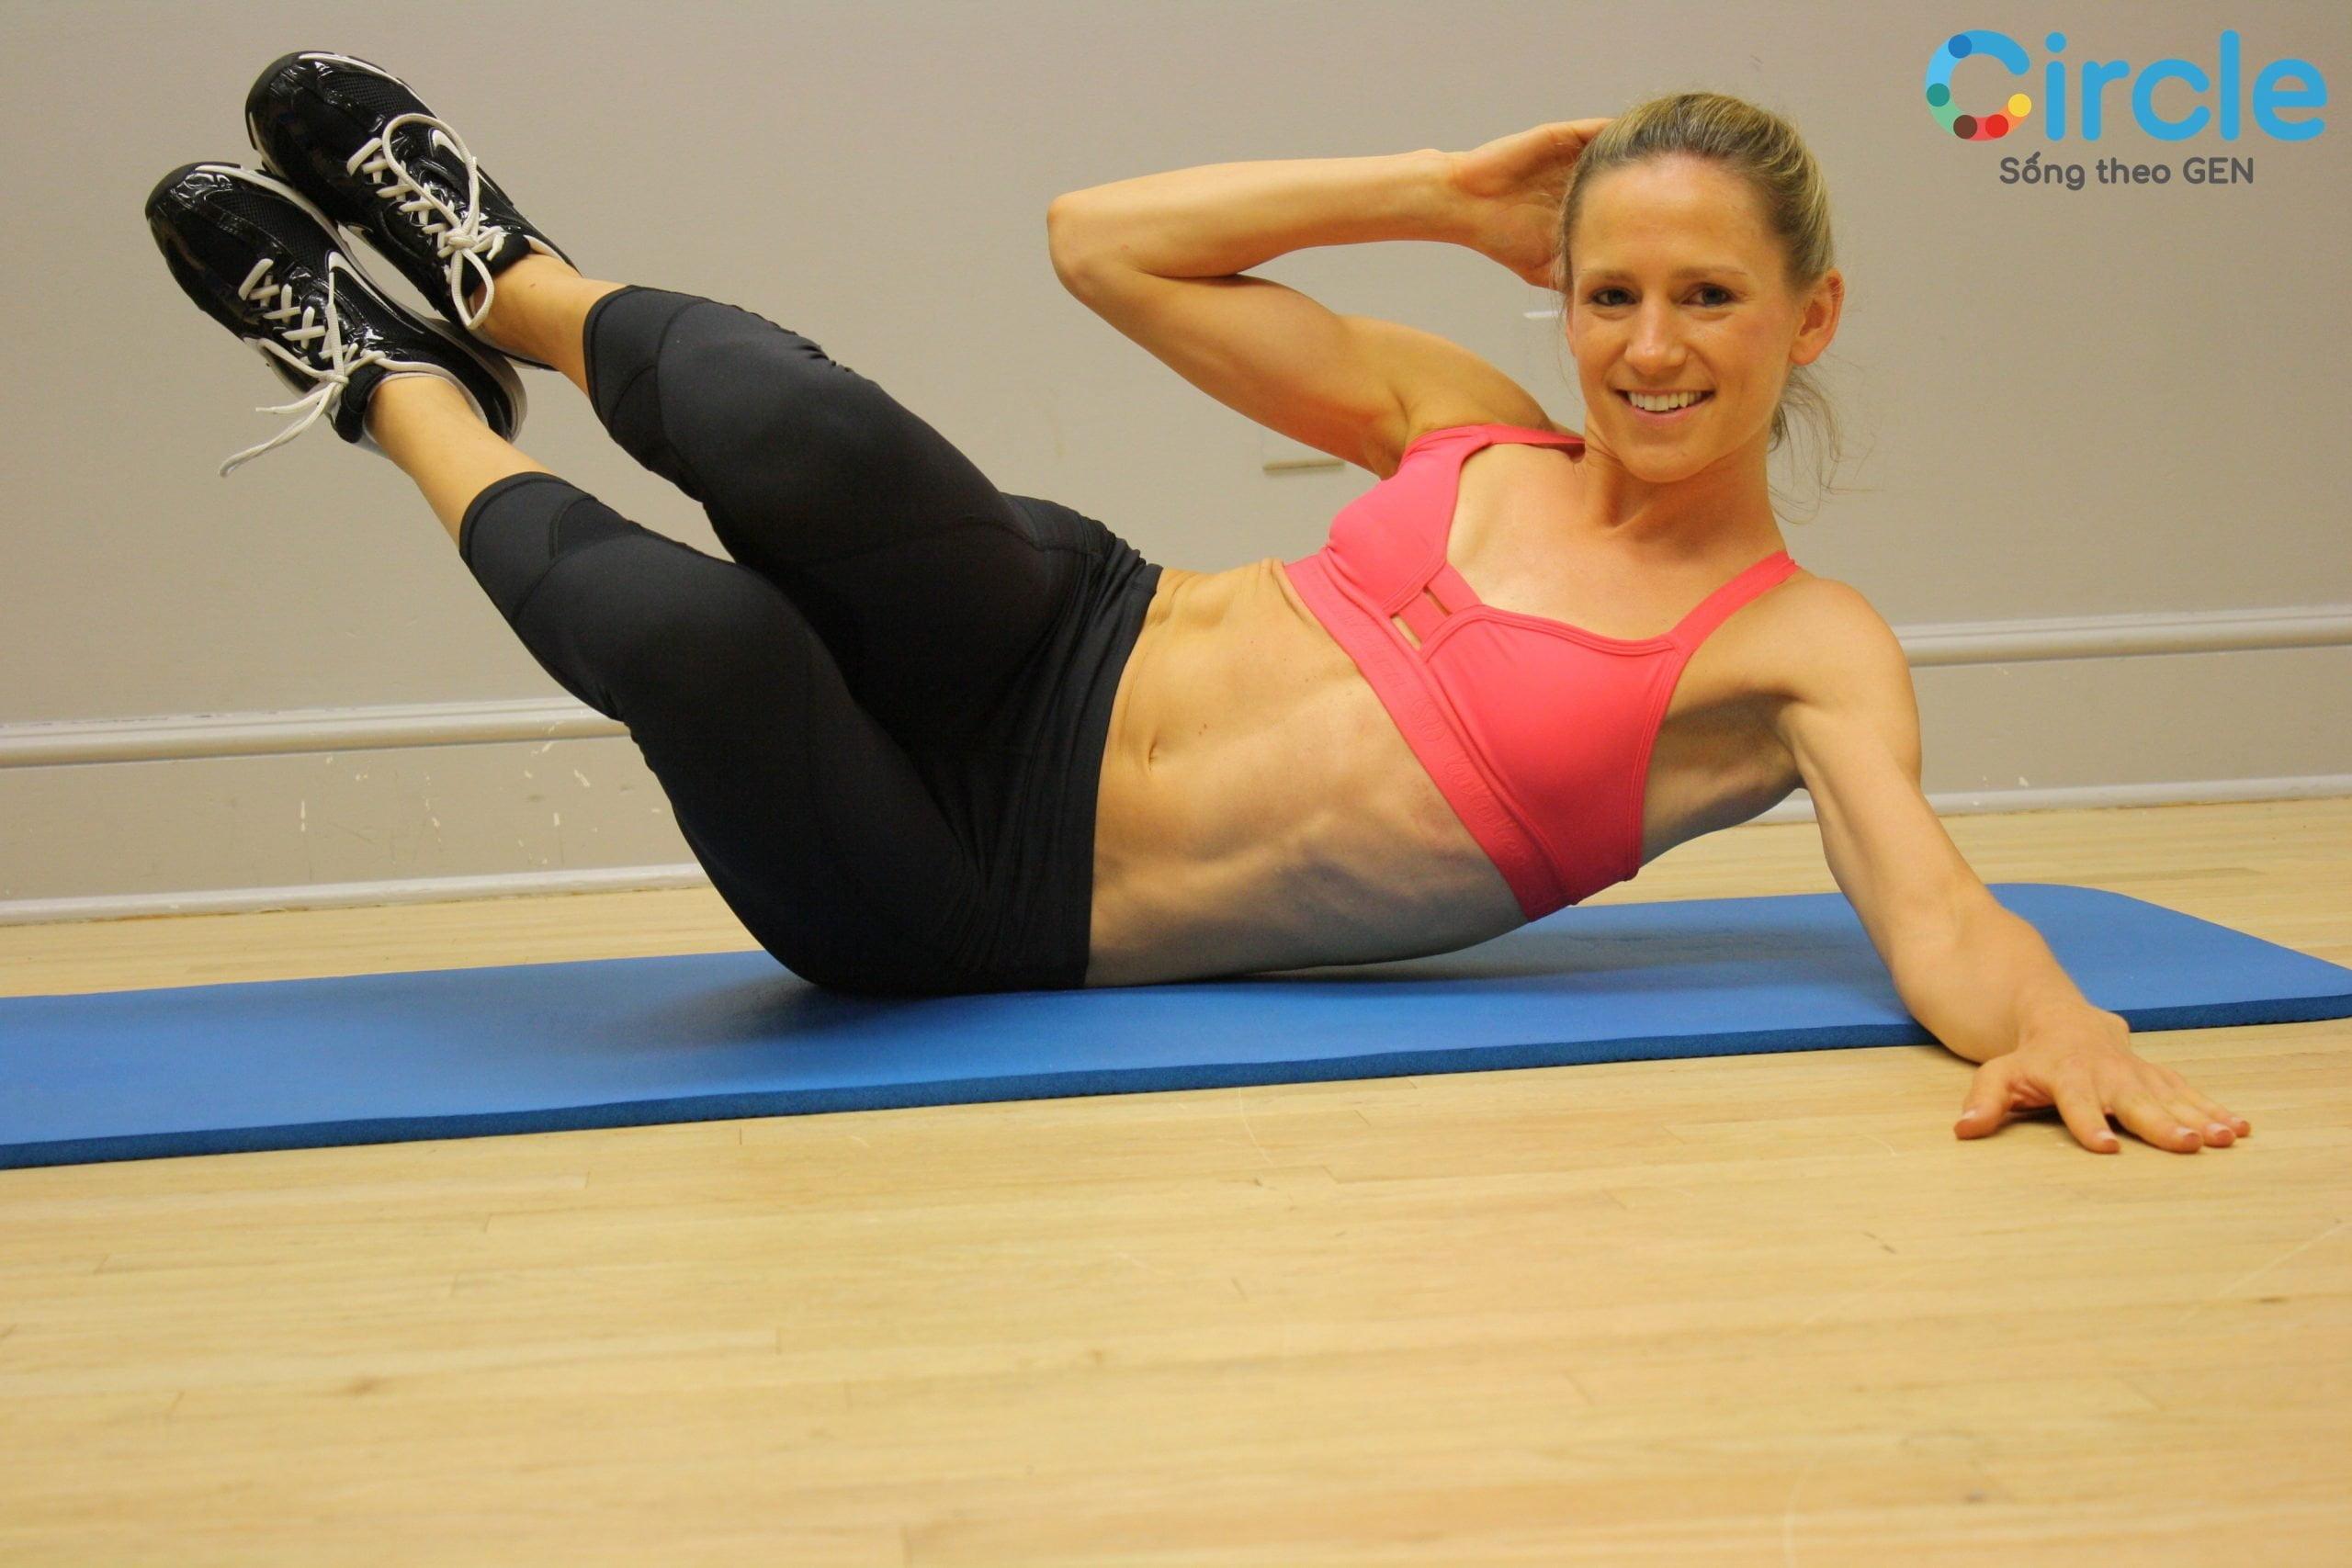 Side Crunch - Gập nghiêng - Bài tập thể dục giảm mỡ bụng 15 phút nhanh chóng